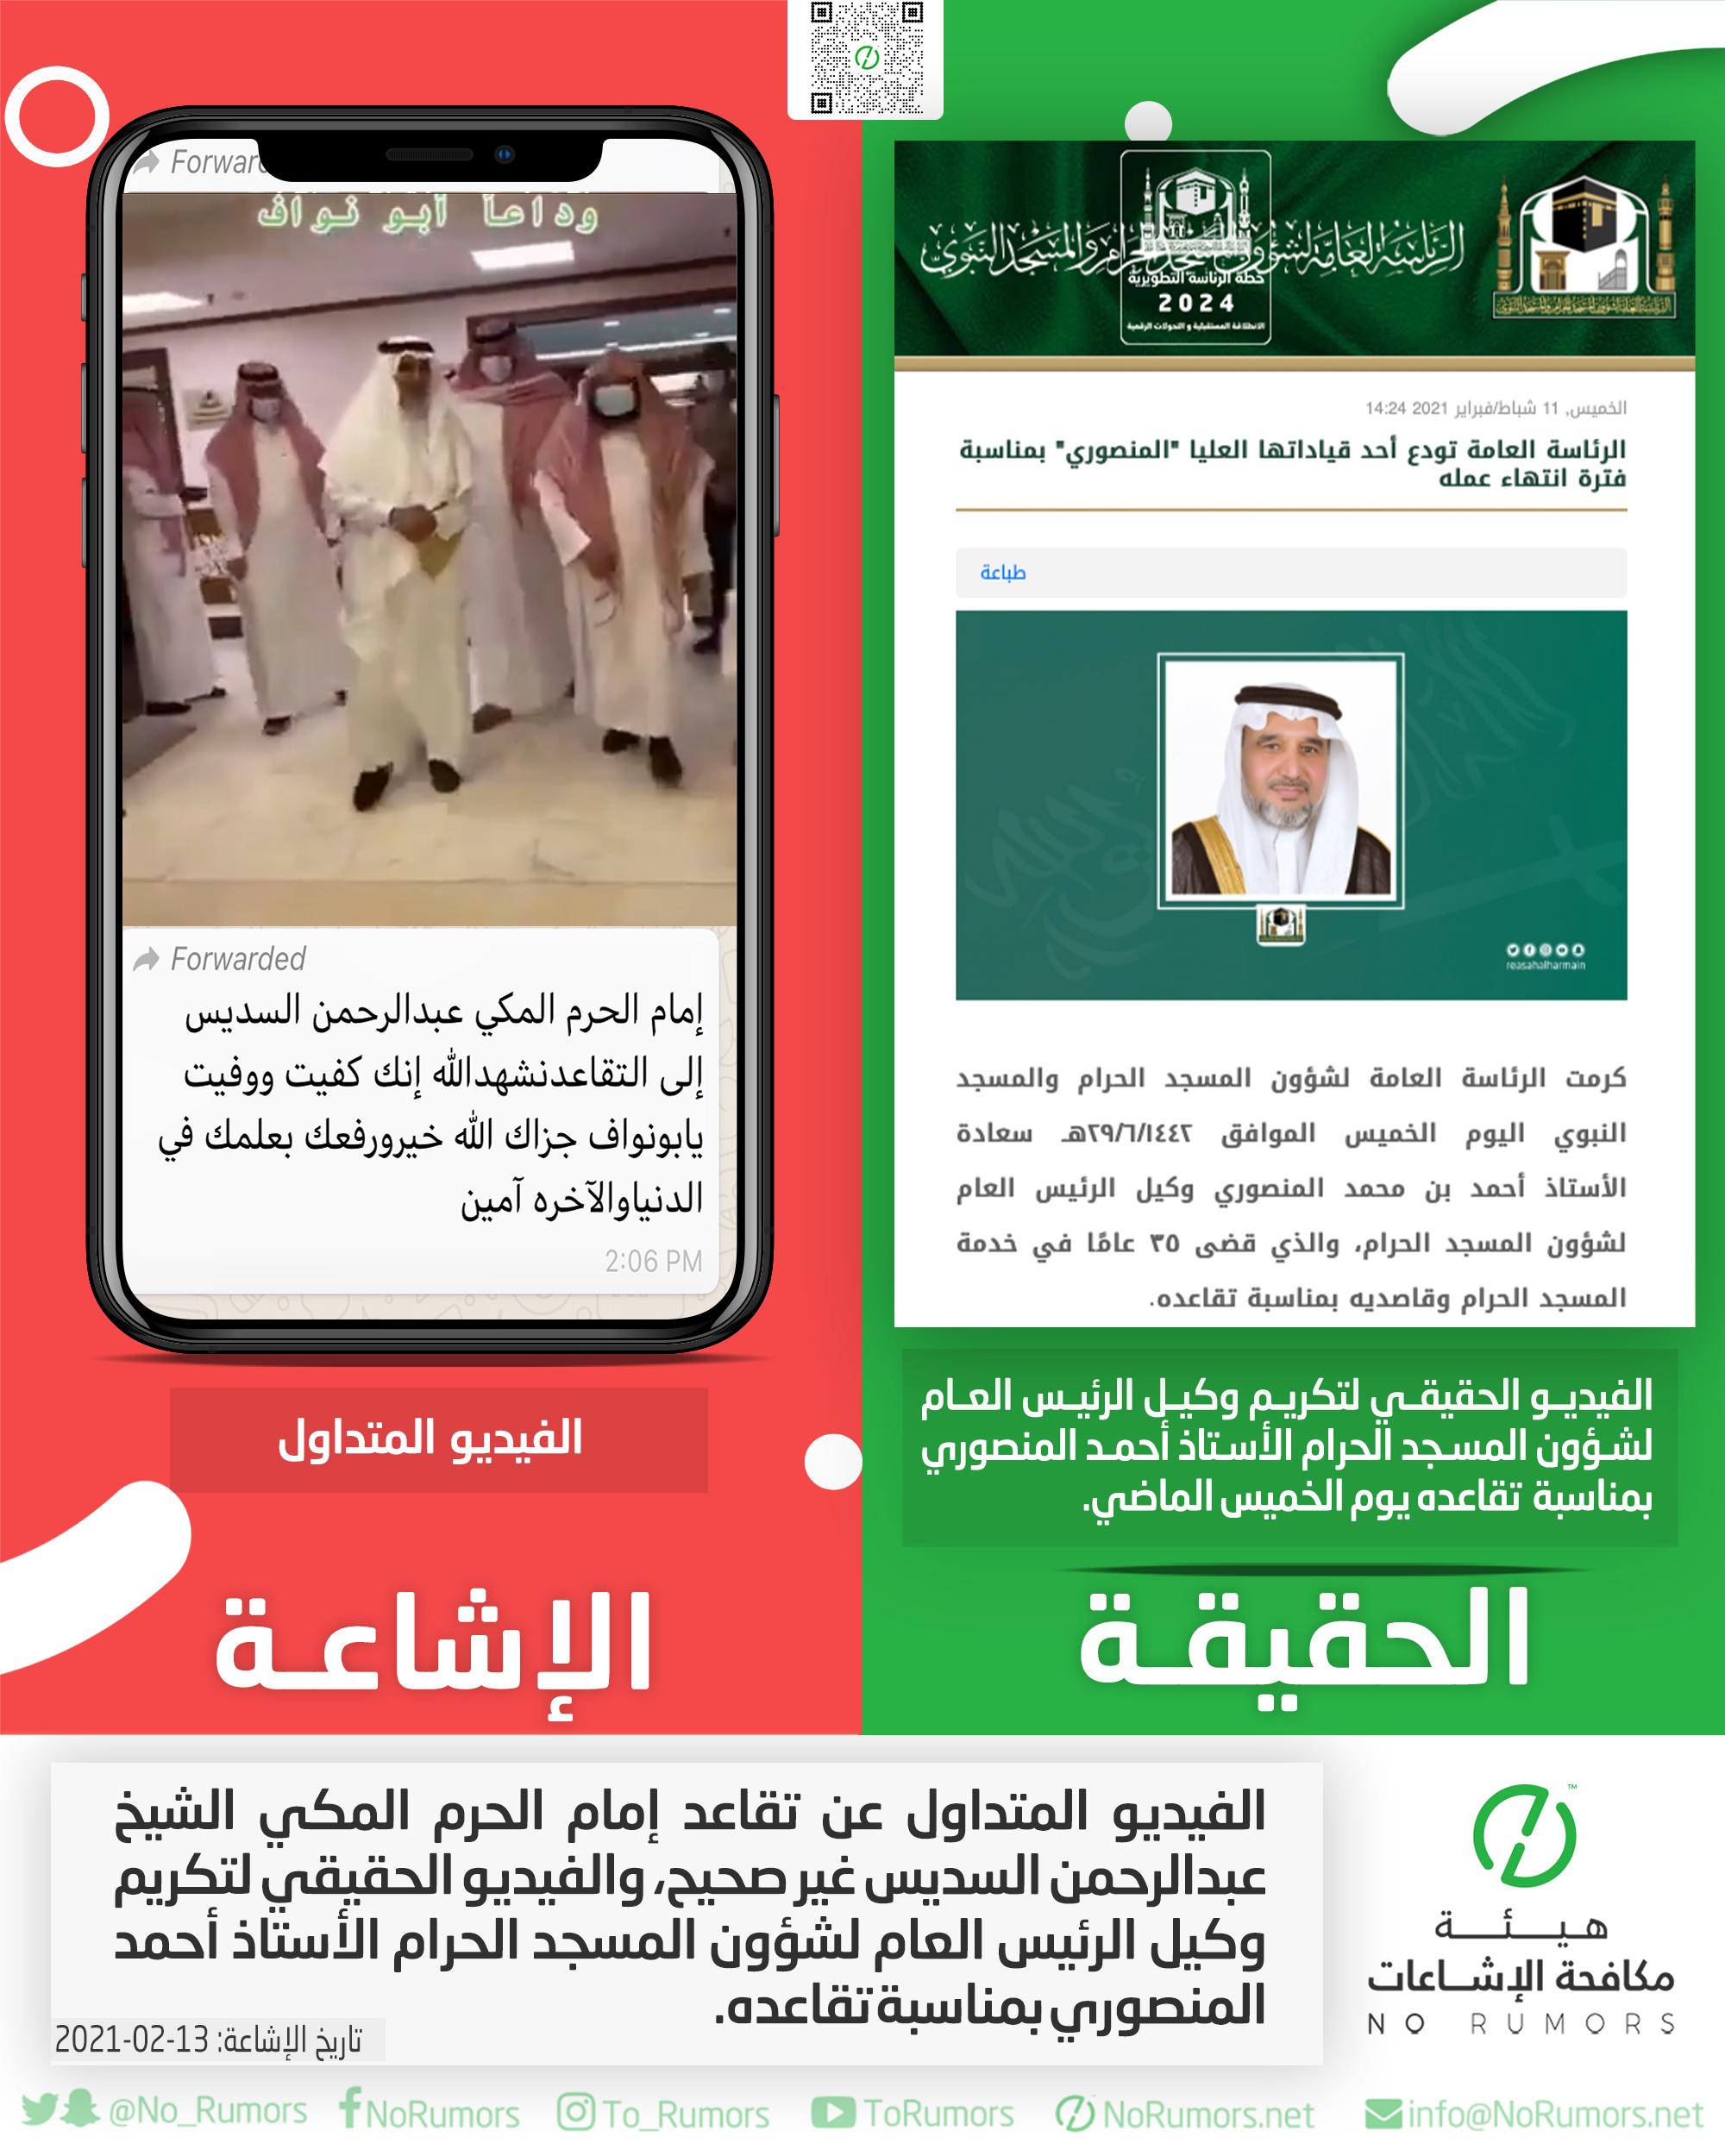 حقيقة الفيديو المتداول عن تقاعد إمام الحرم المكي الشيخ عبدالرحمن السديس